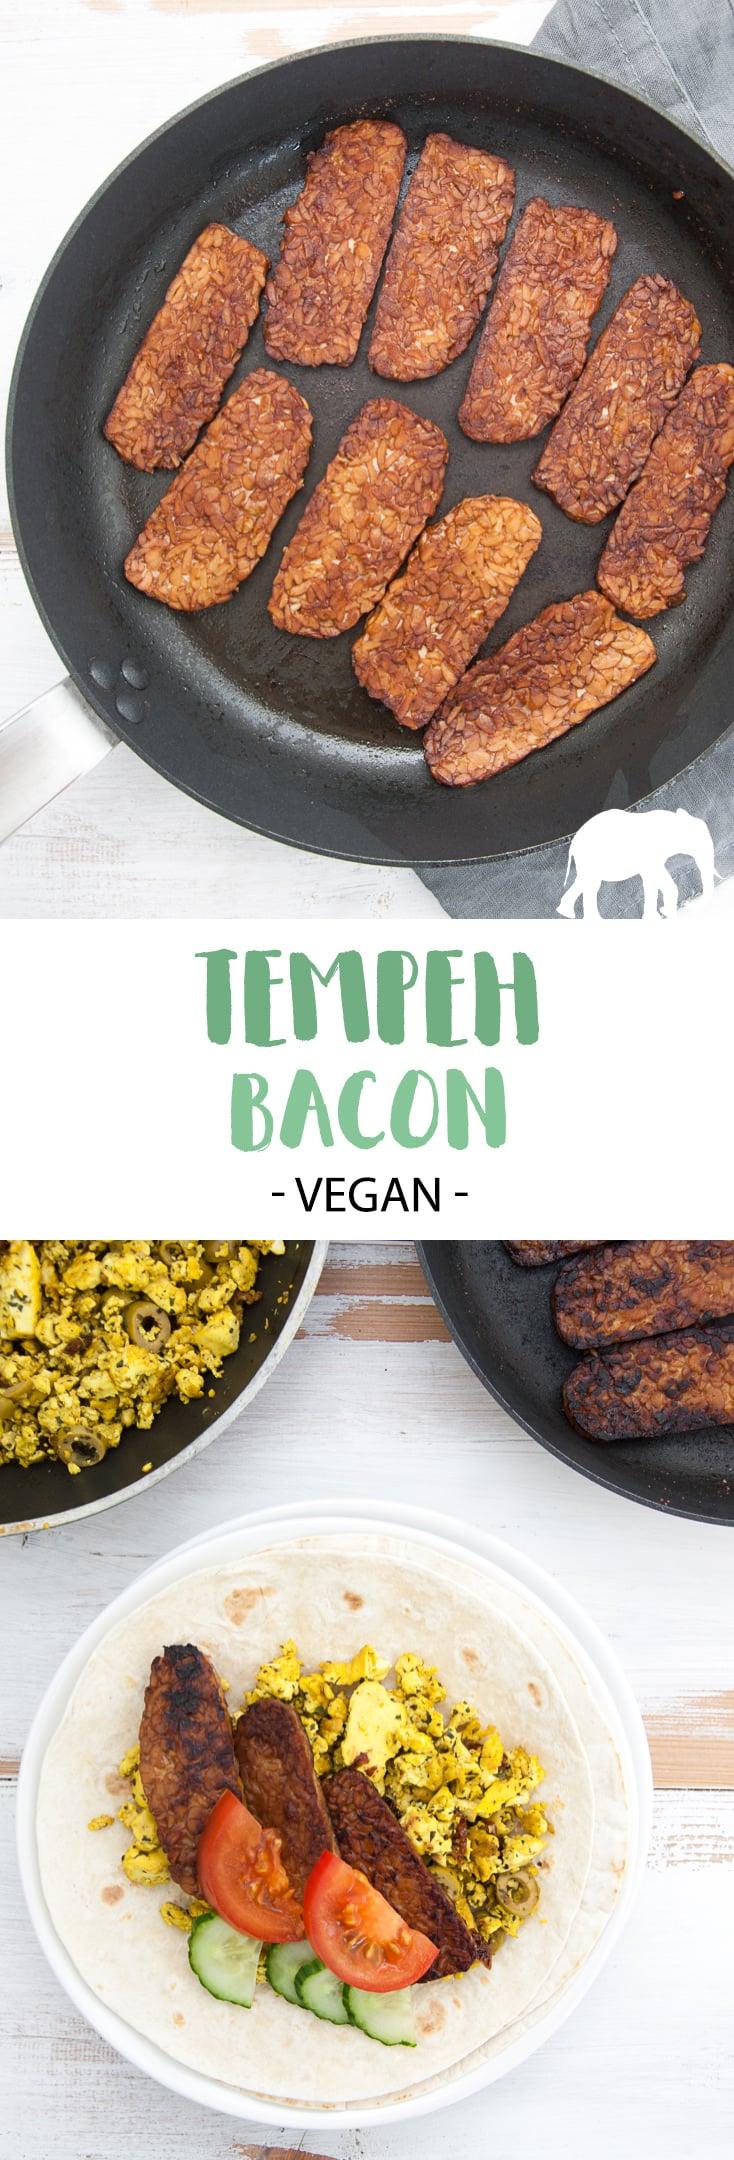 Vegan Tempeh Bacon - a delicious smoky plant-based alternative! #vegan #tempeh #bacon